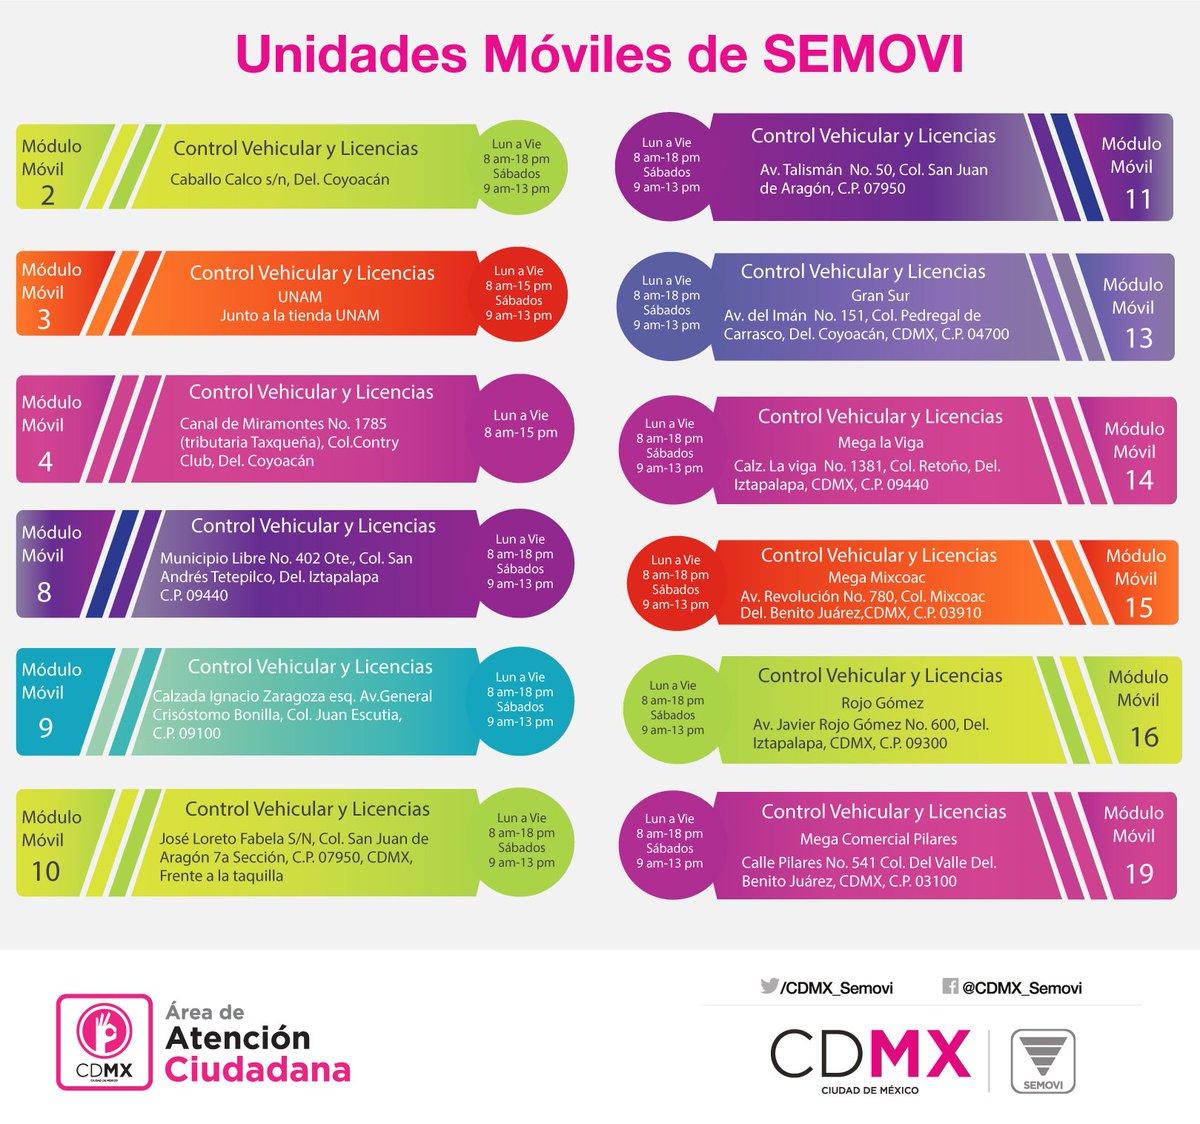 Secretaría De Movilidad Cdmx On Twitter Buen Día El